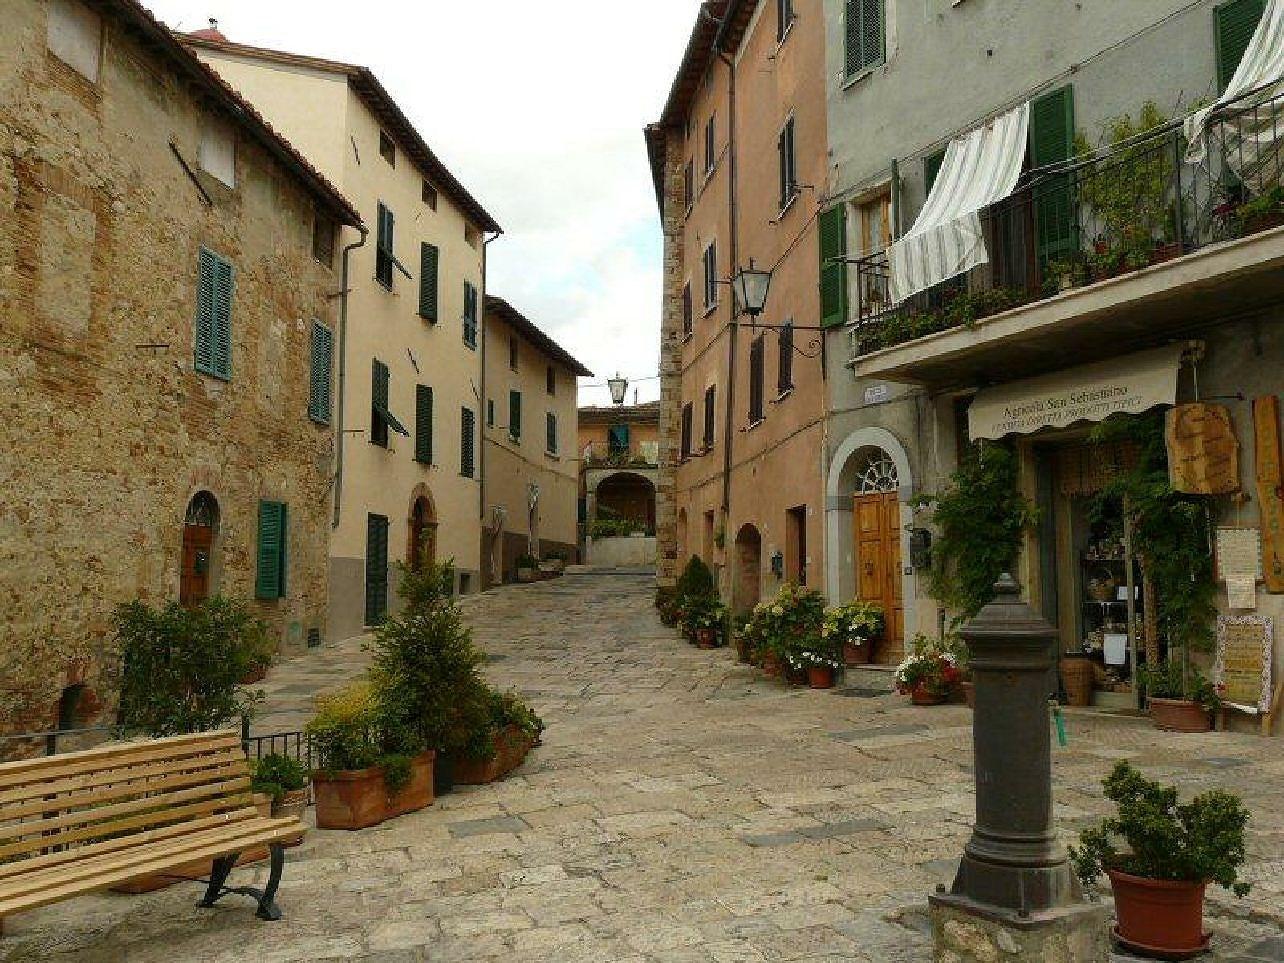 Cetona i Italien